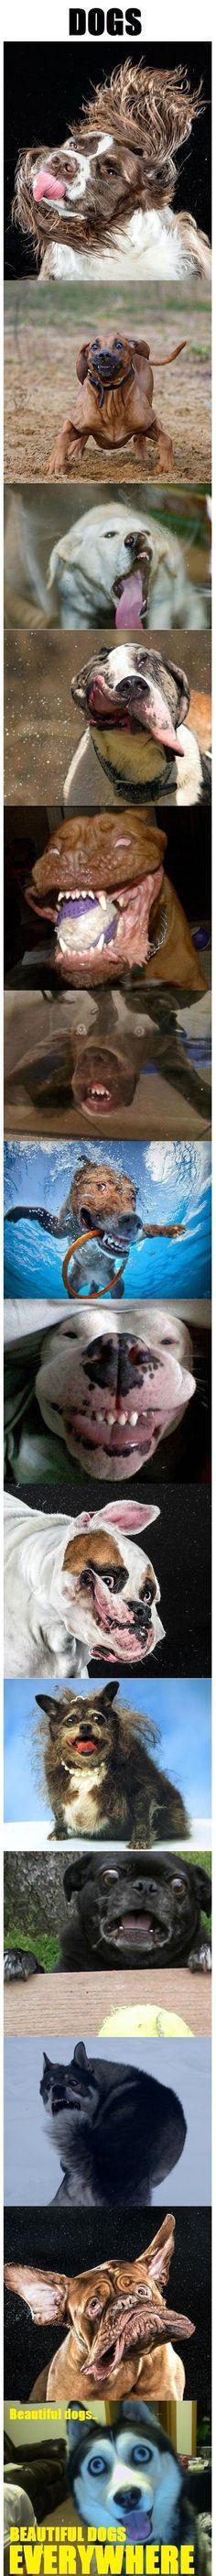 """Dogs - <a href=""""http://www.meme-lol.com"""" rel=""""nofollow"""" target=""""_blank"""">www.meme-lol.com</a>"""